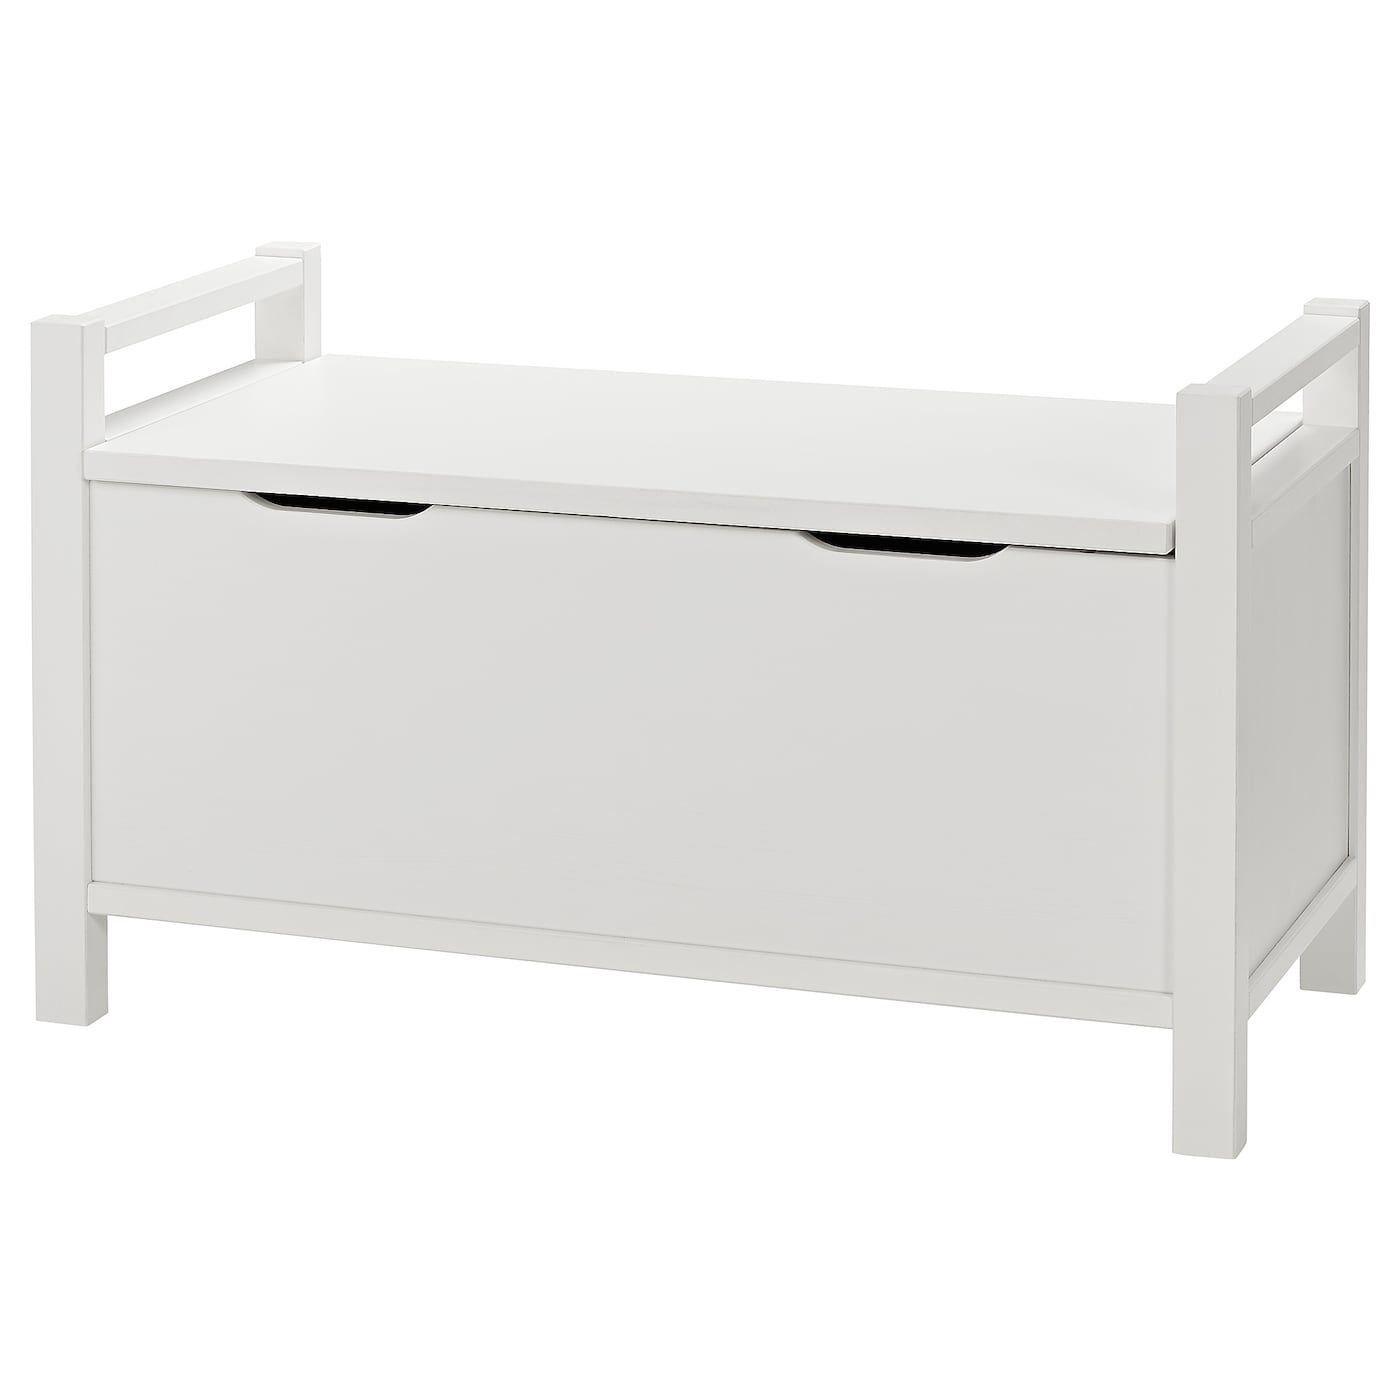 Hemnes Storage Bench White Stain White Ikea 1000 In 2020 Storage Bench Hemnes Bench With Storage